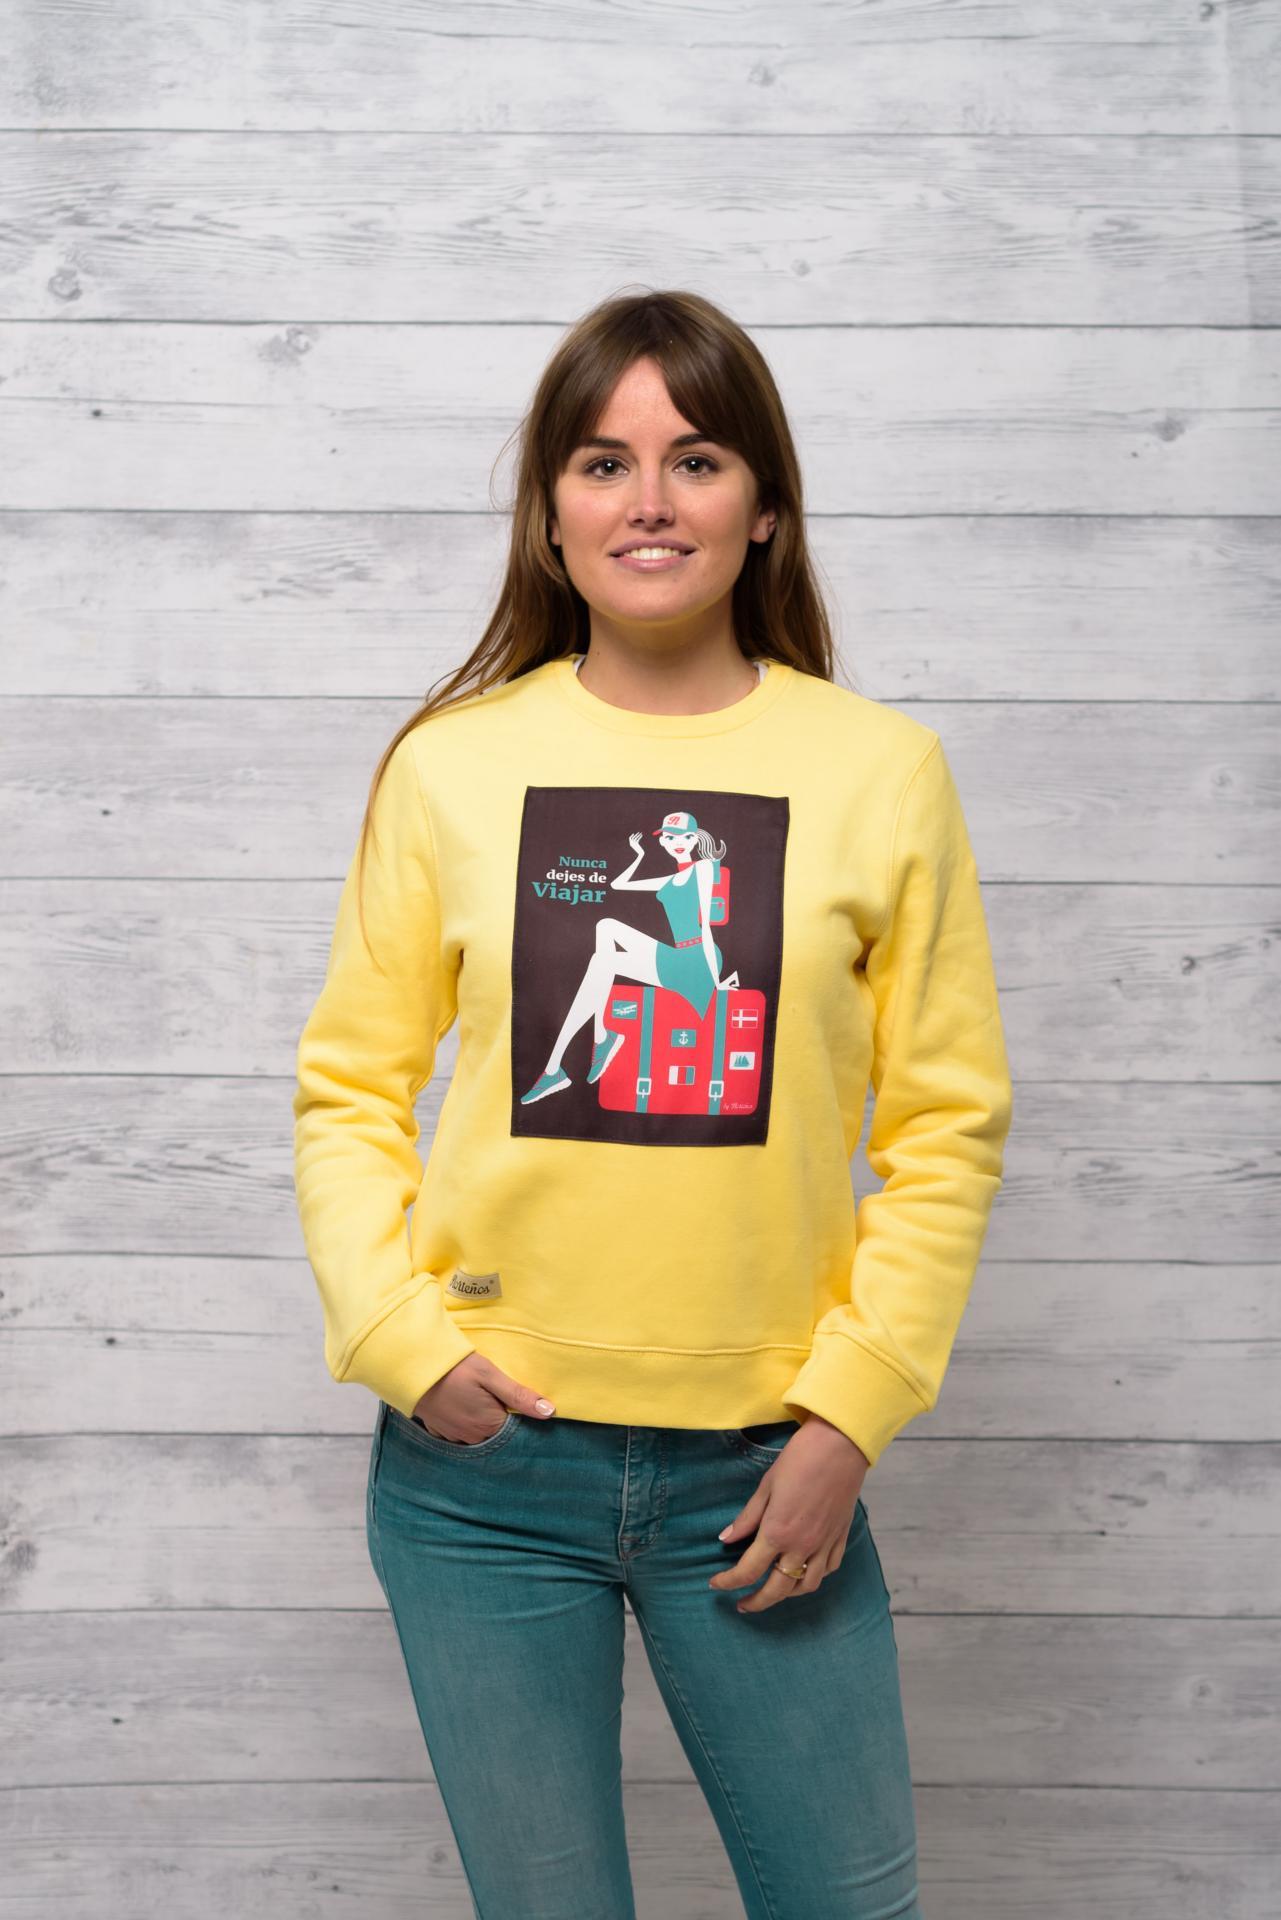 Sudadera de mujer modelo amarillo Nunca dejes de viajar